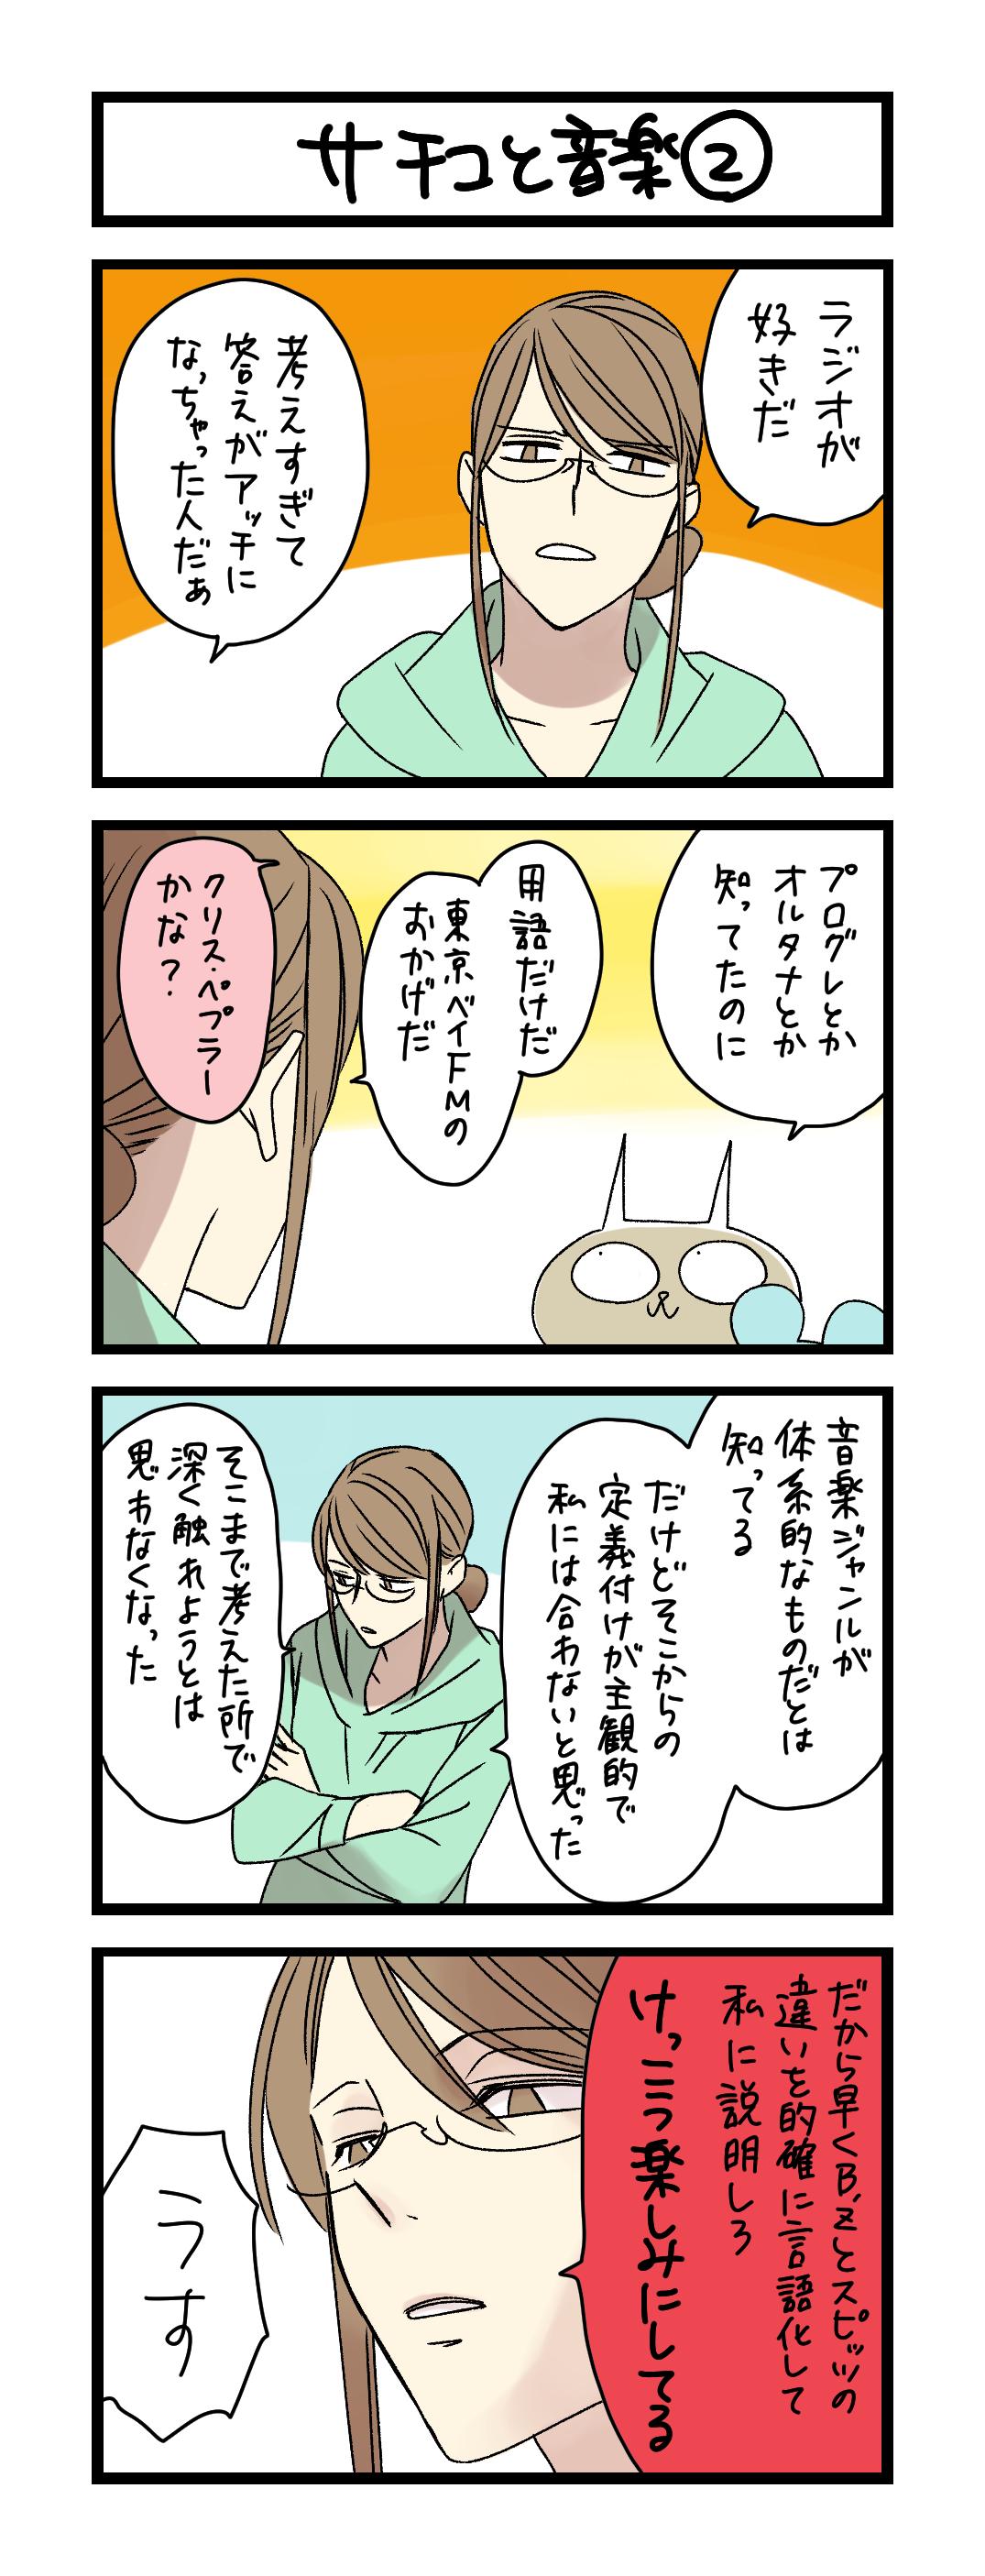 サチコと音楽 (2)